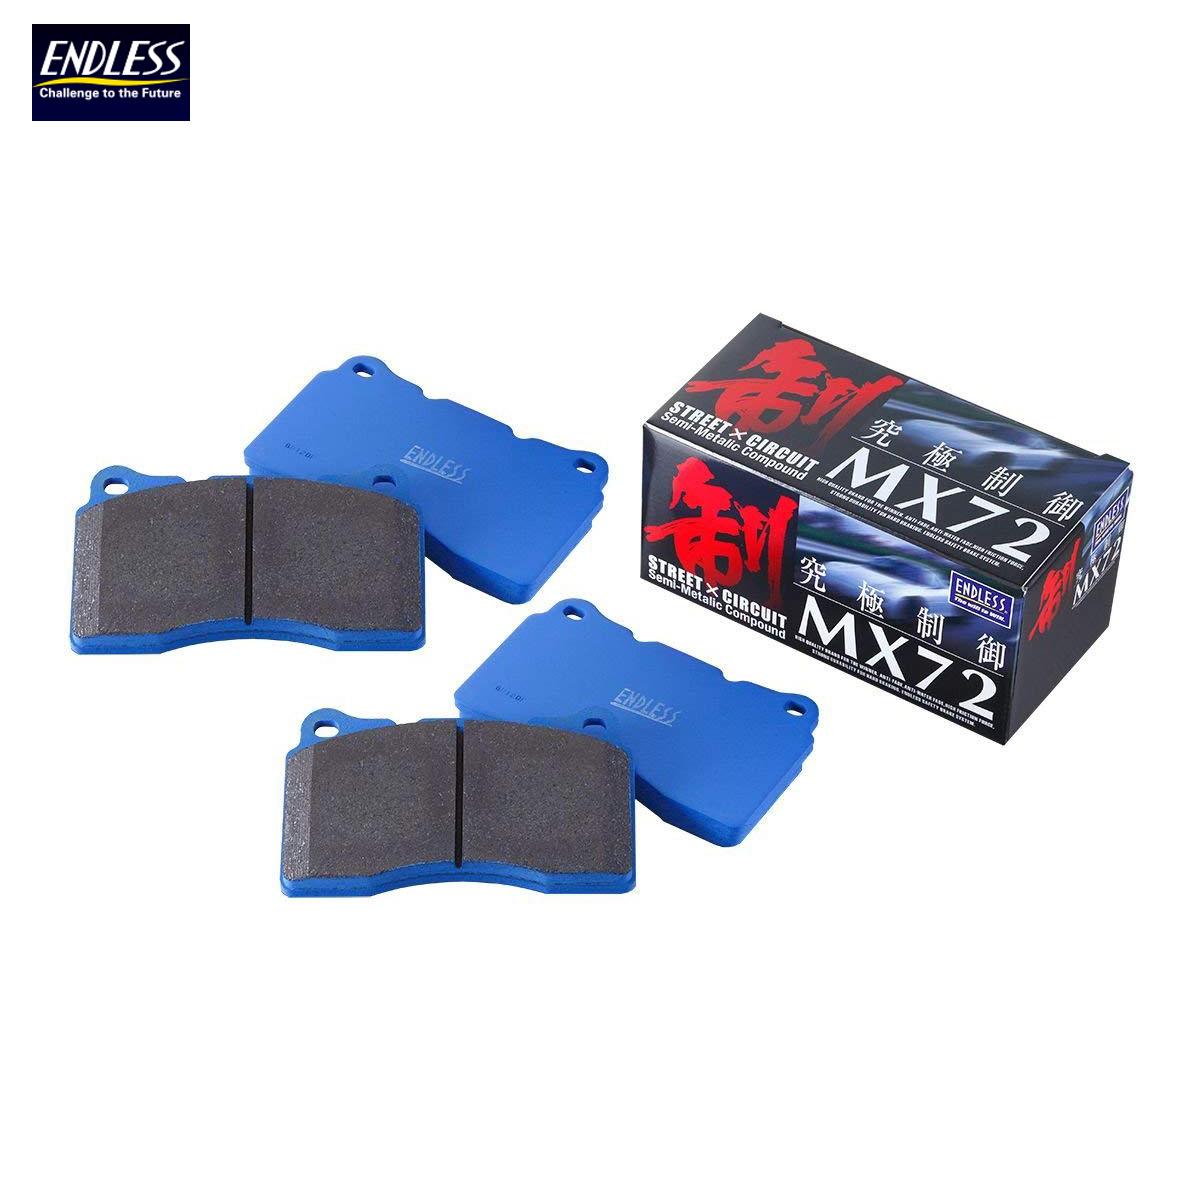 ENDLESS エンドレス ブレーキパッド MX72 フロント EP292 アルテッツァ SXE10 6MT